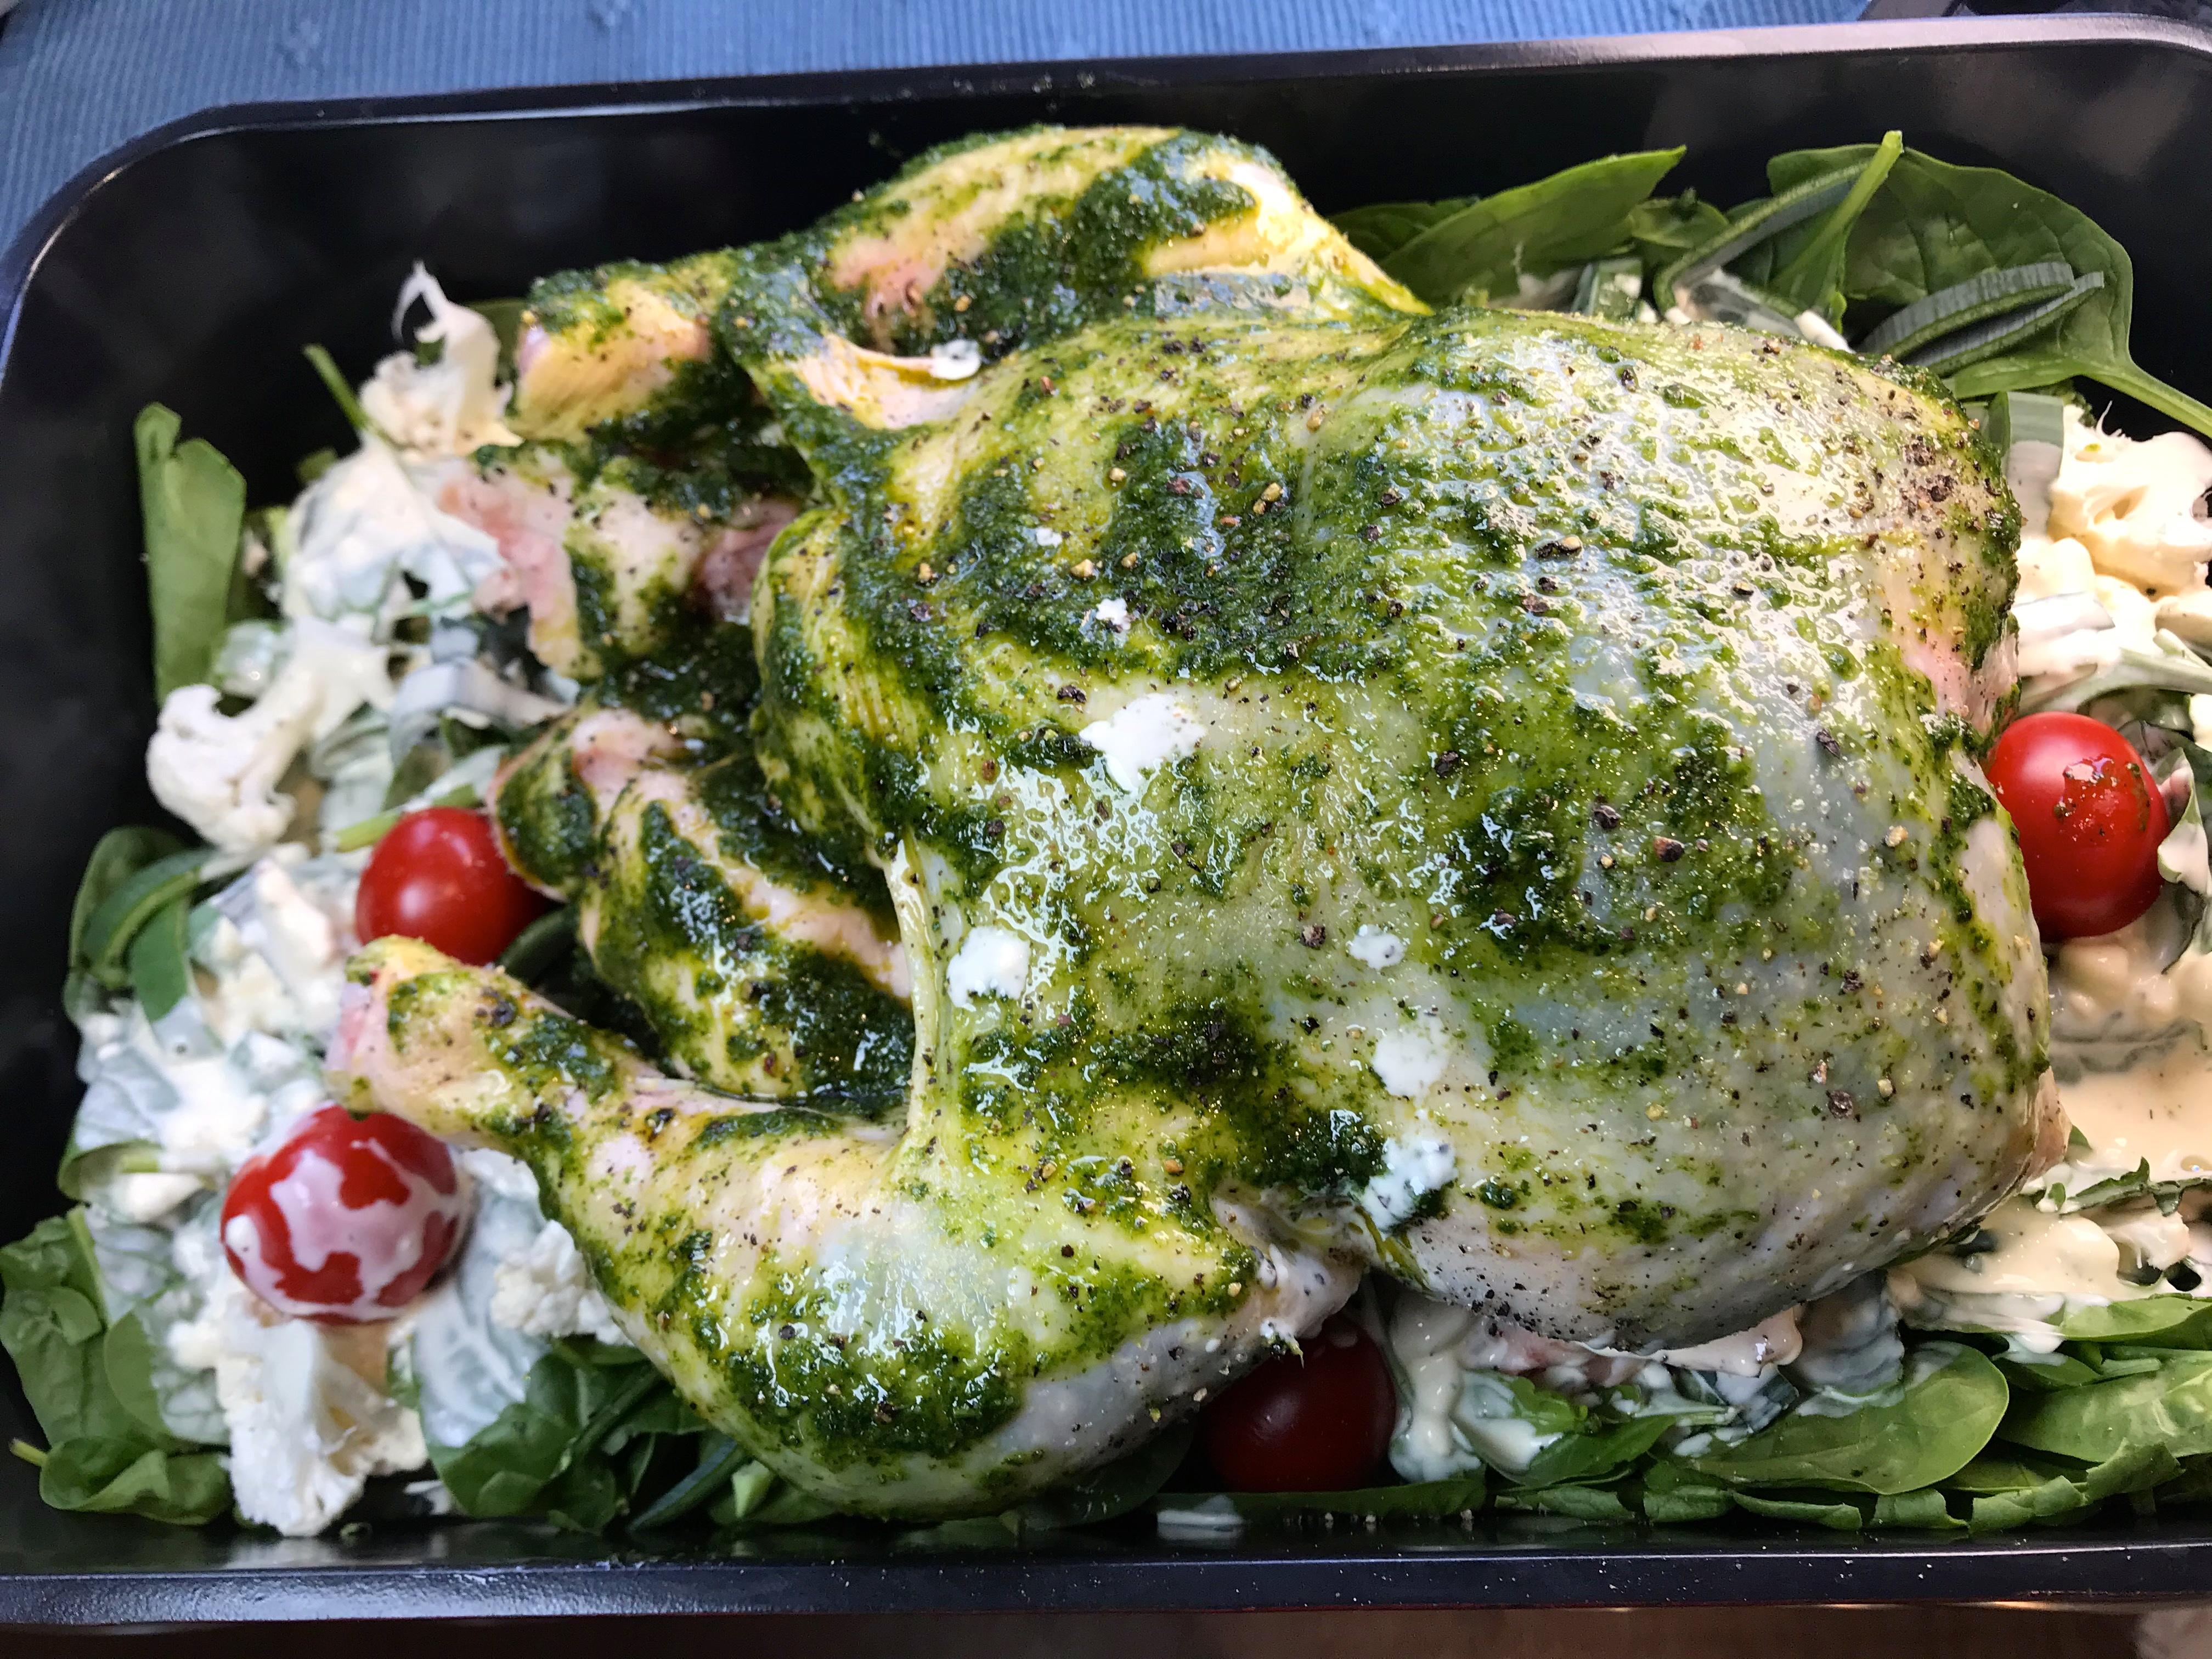 Helstekt kylling i ovnen med urteskinn Vol 1